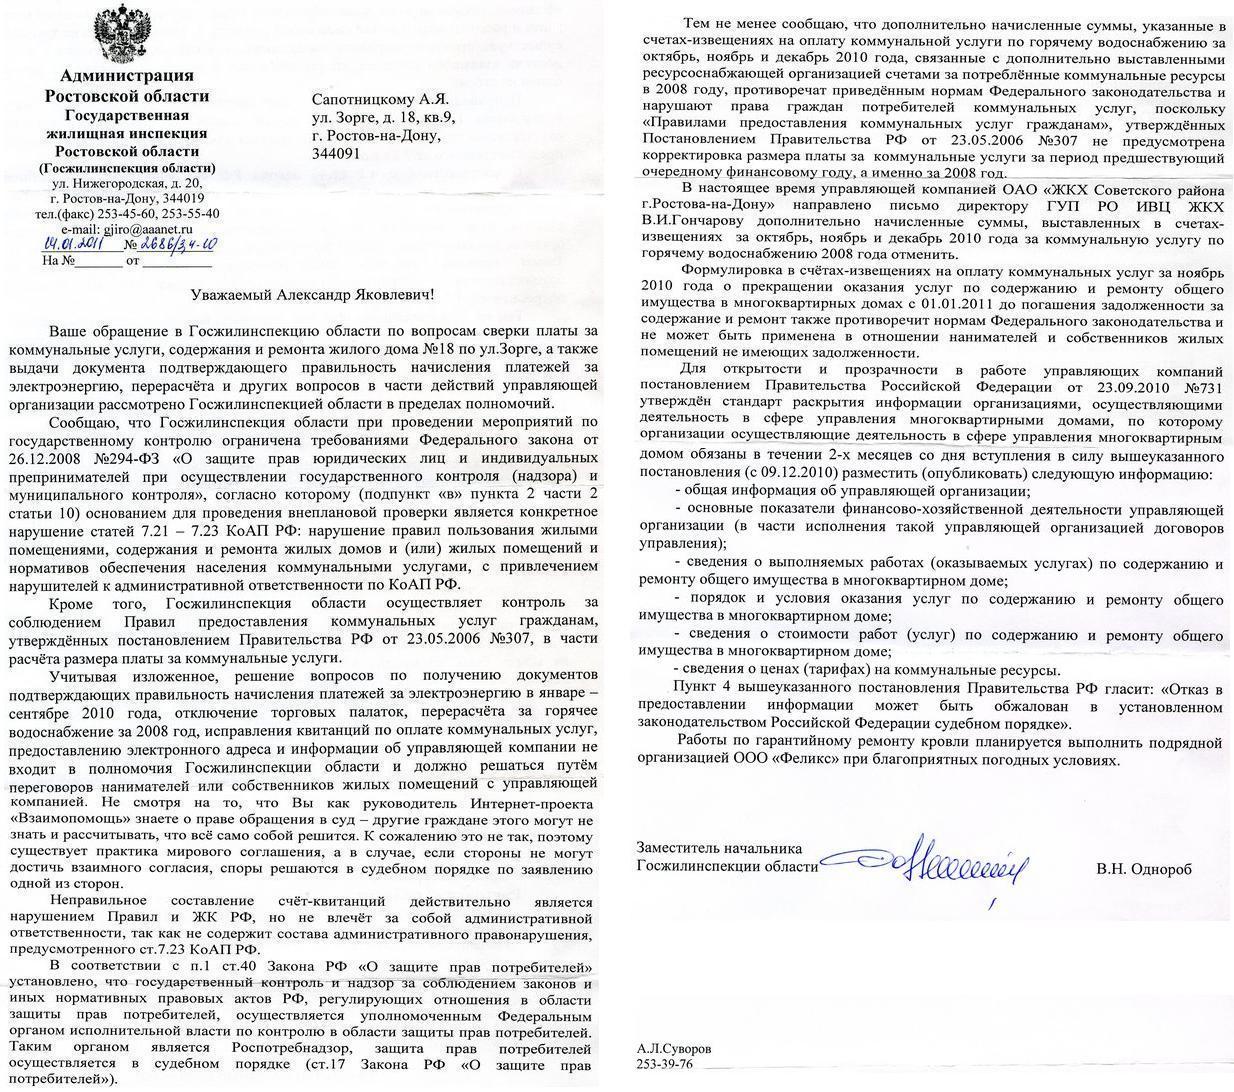 роспотребнадзор по москве бланки заявлений перечень услуг